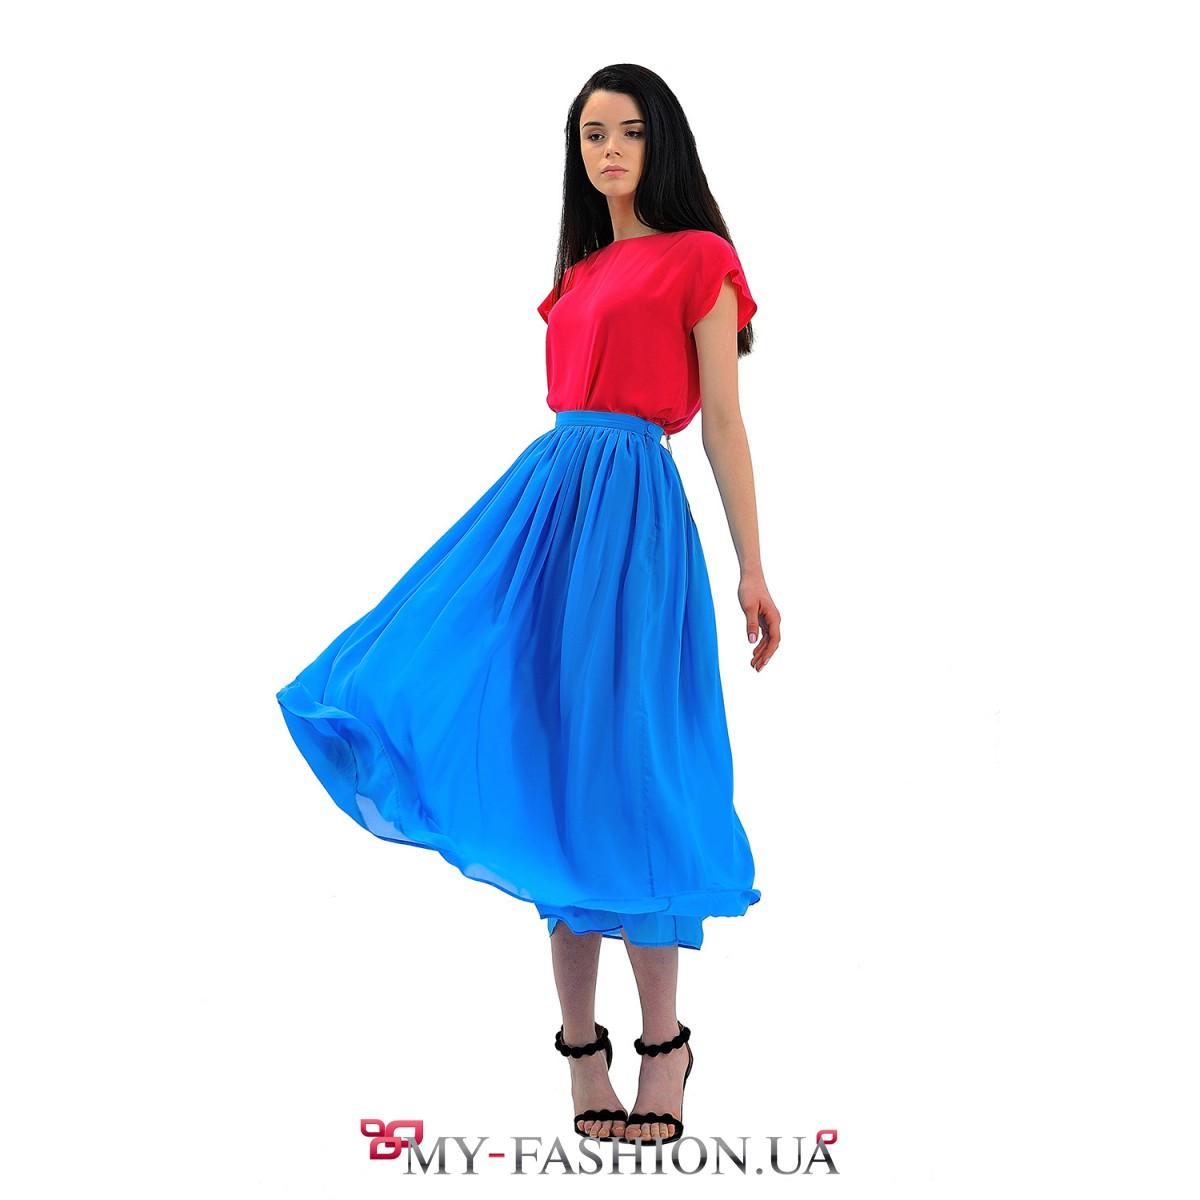 Блузка красного цвета с доставкой